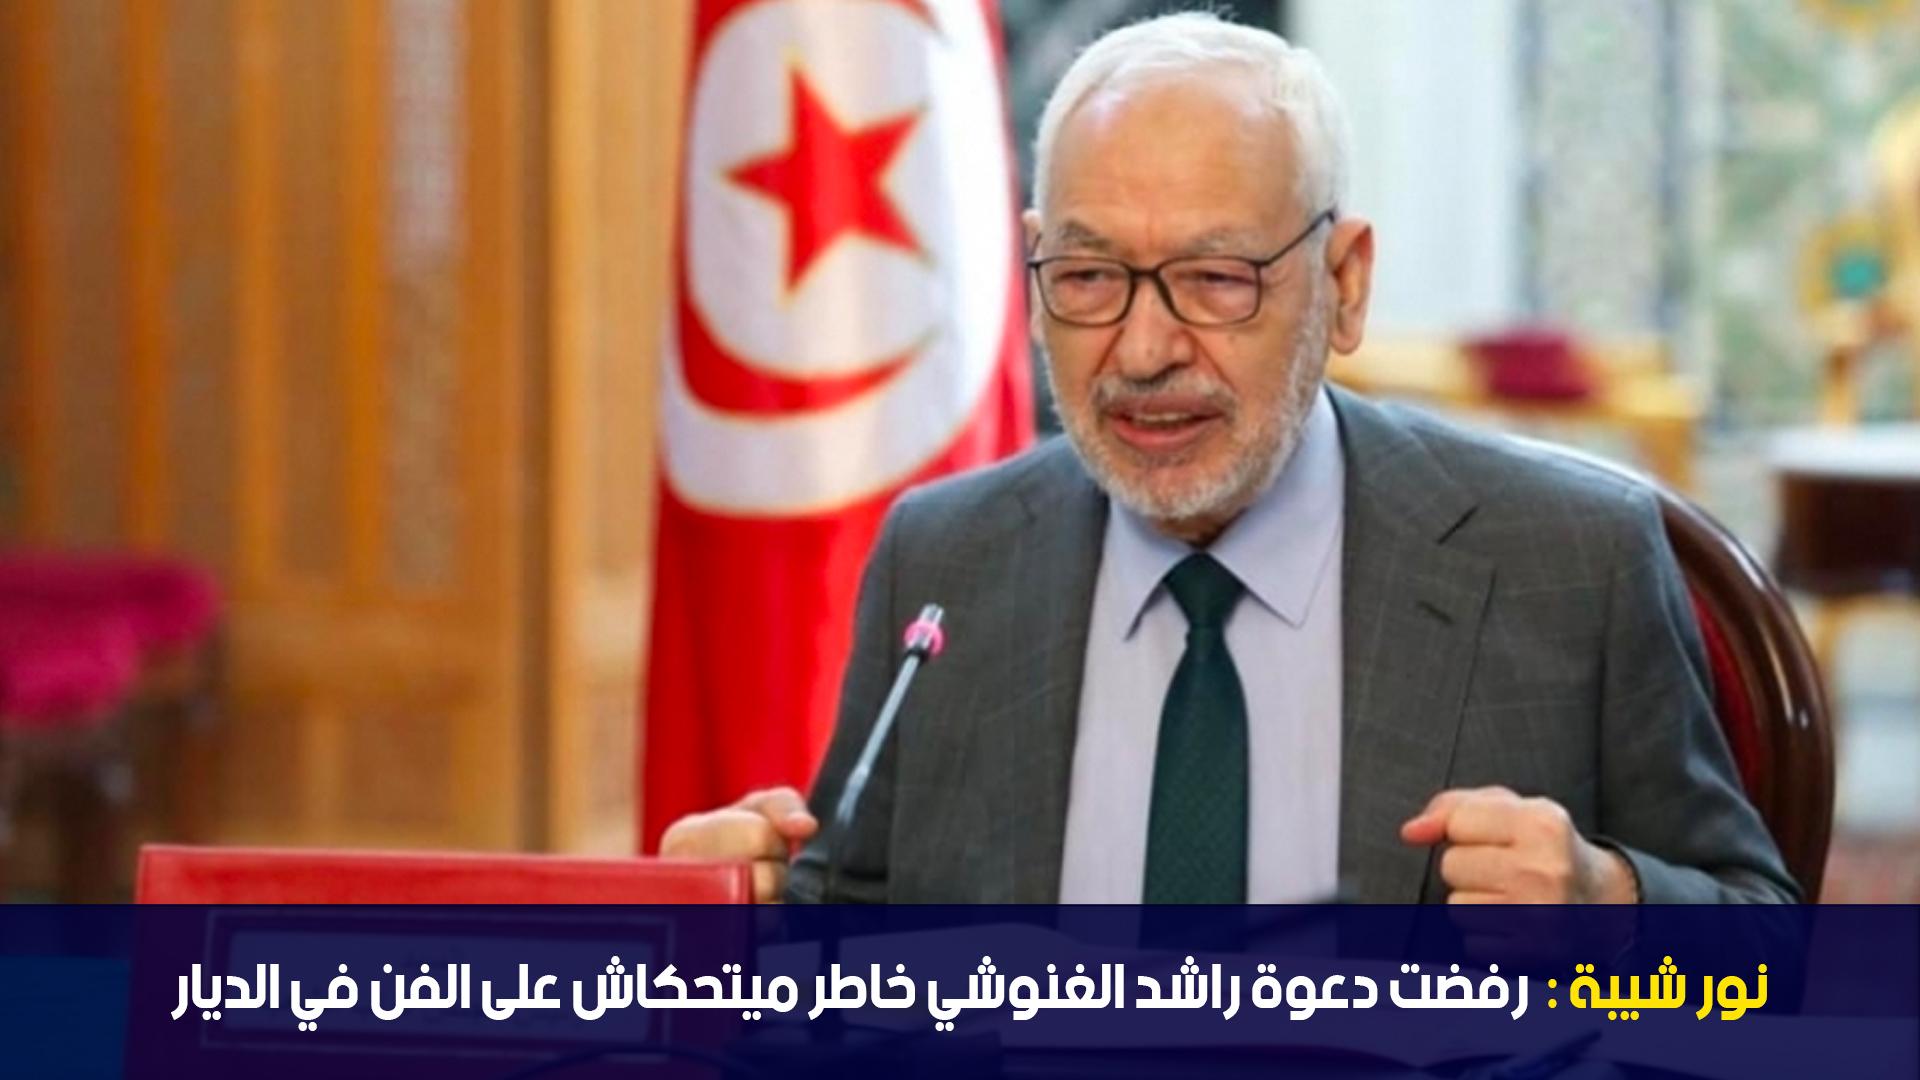 نور شيبة: رفضت دعوة راشد الغنوشي خاطر ميتحكاش على الفن في الديار